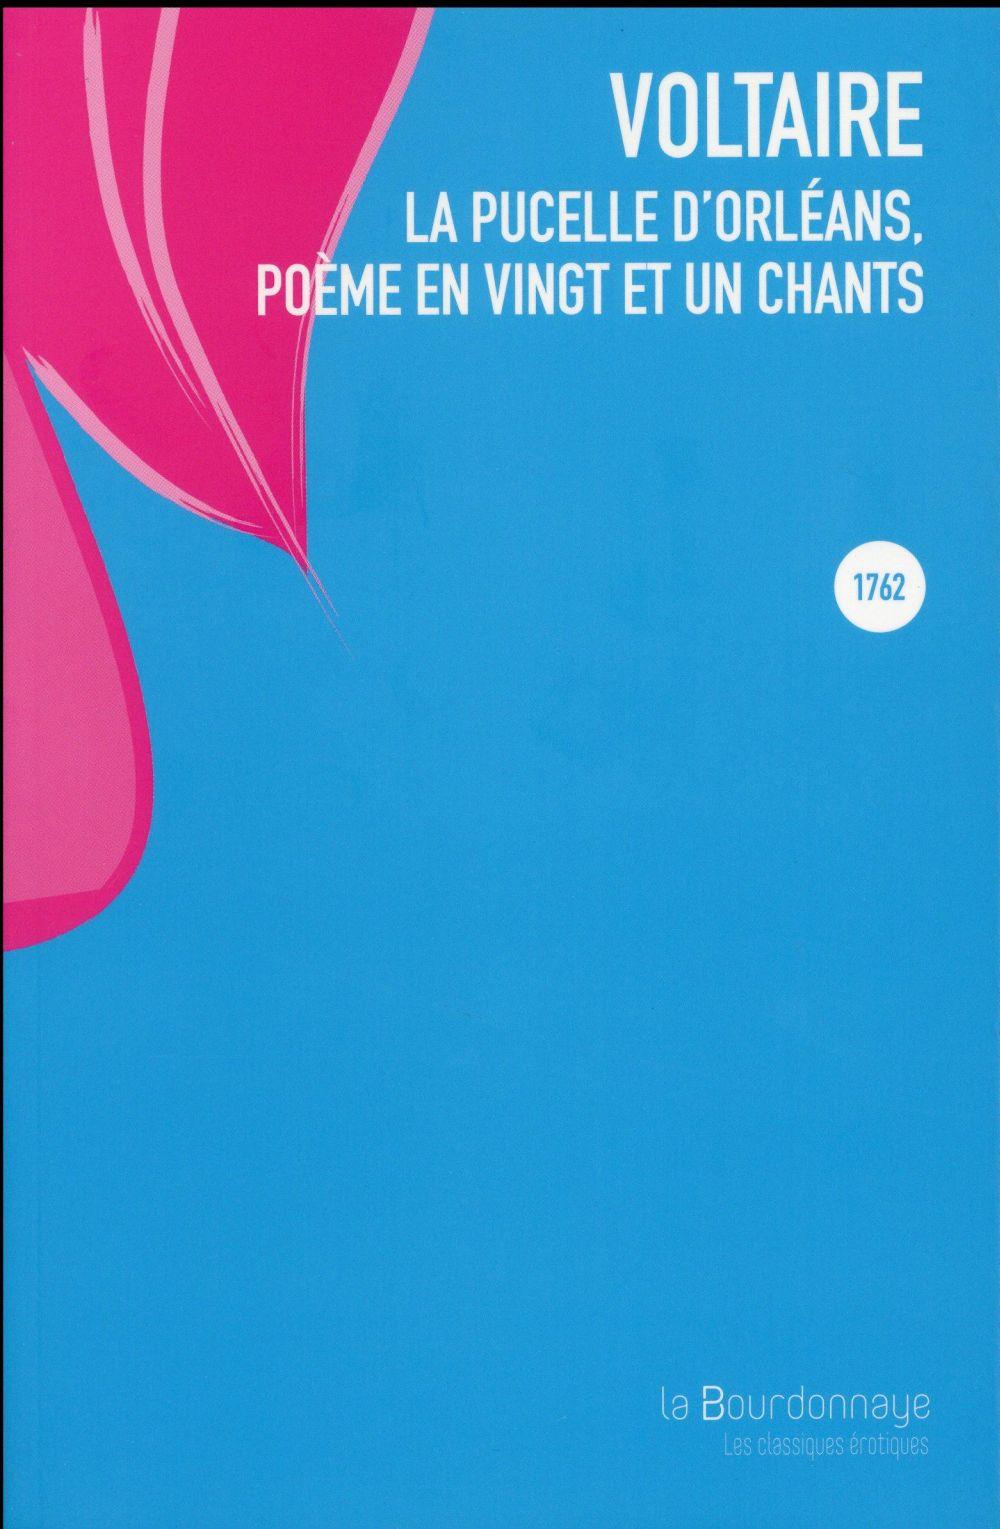 la pucelle d'Orléans, poème en vingt et un chants